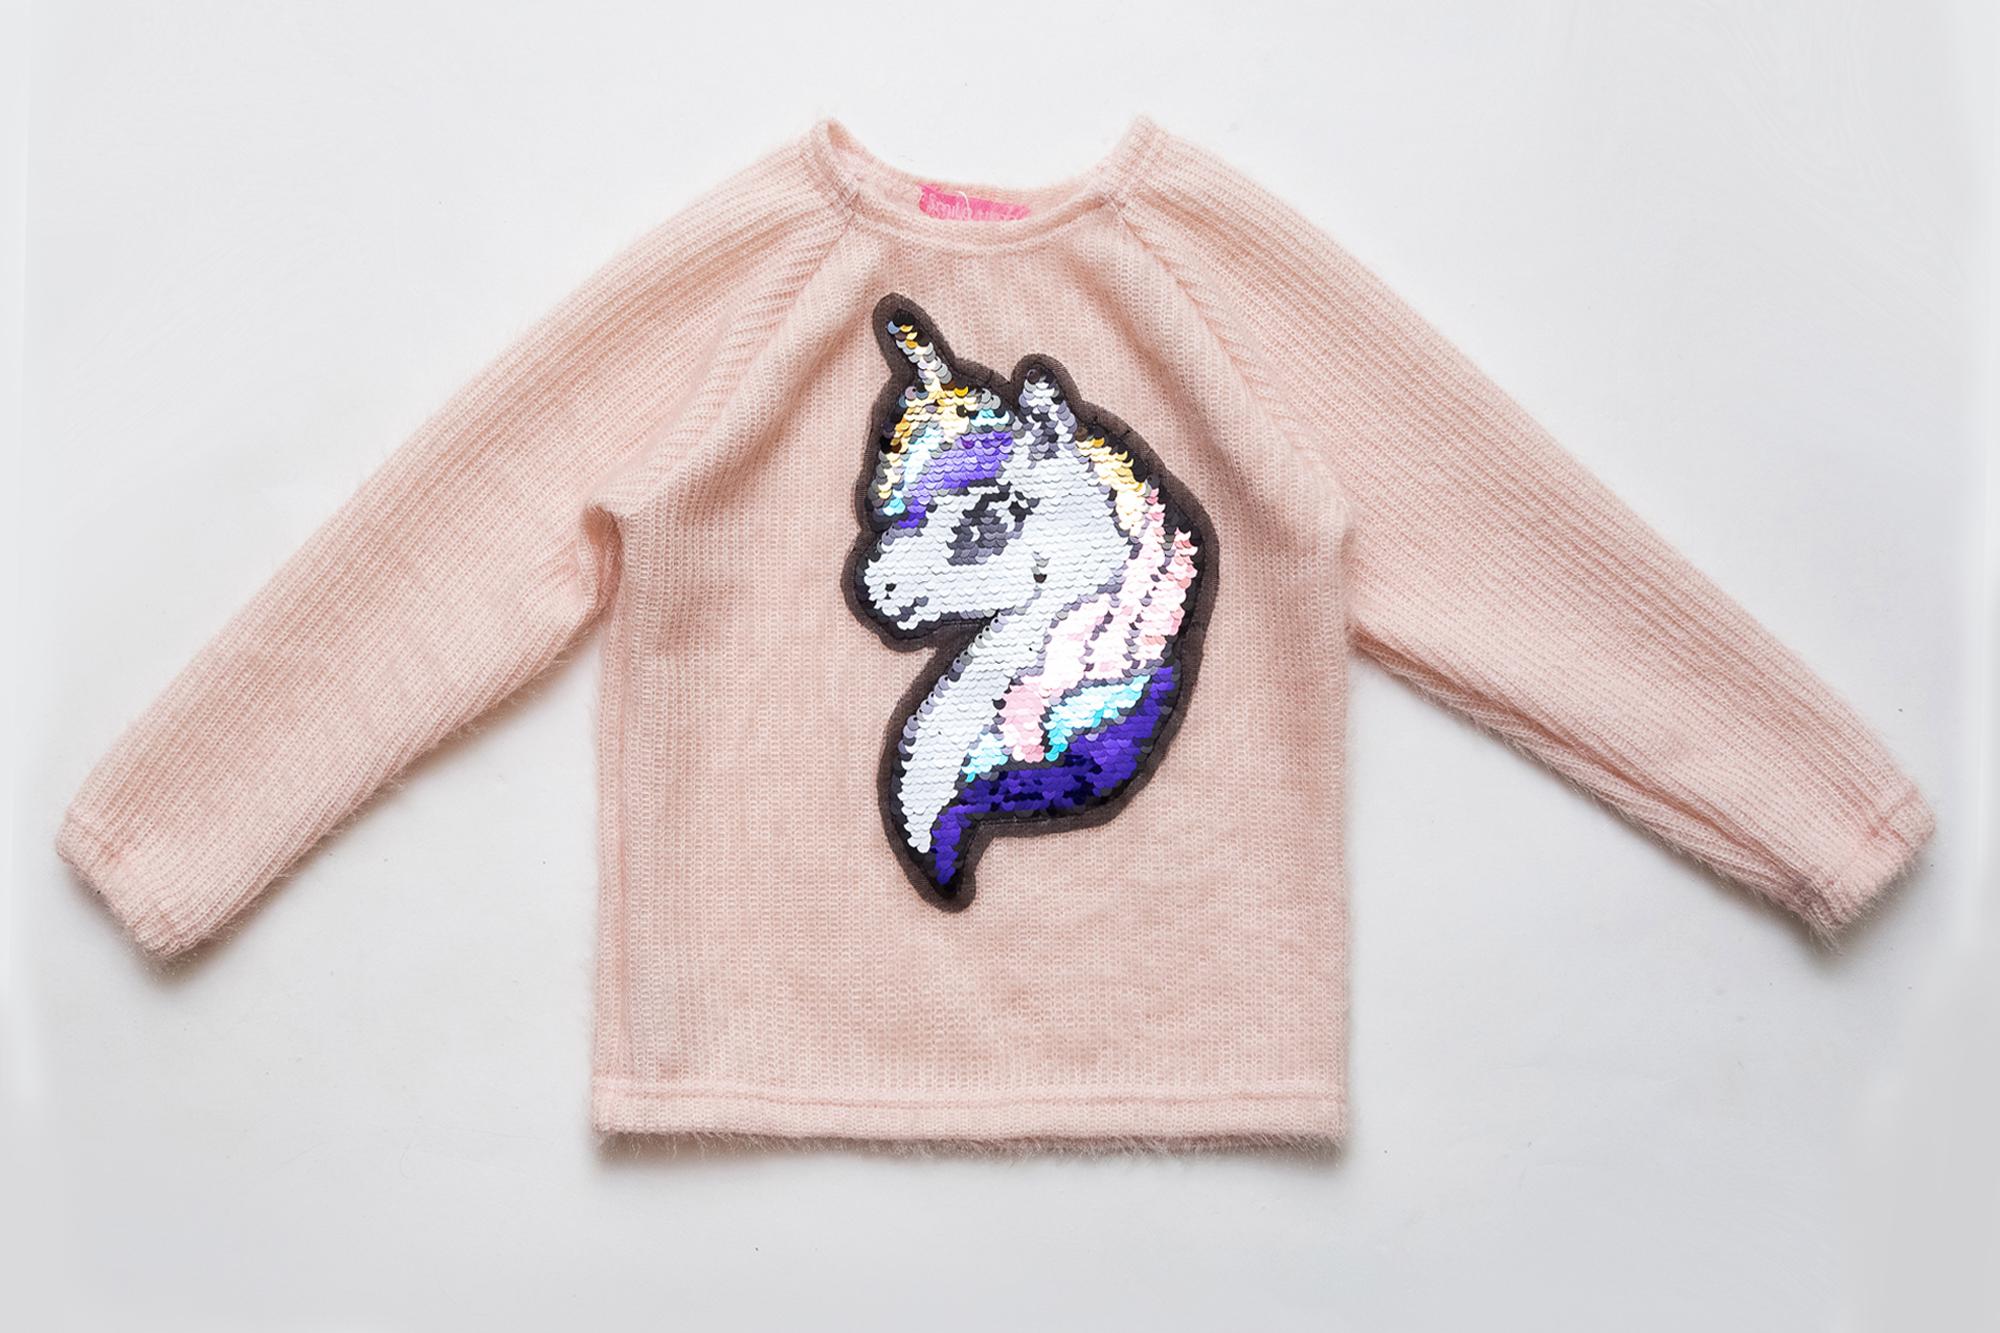 Свитер детский SmileTime  нарядный Pony, пудра